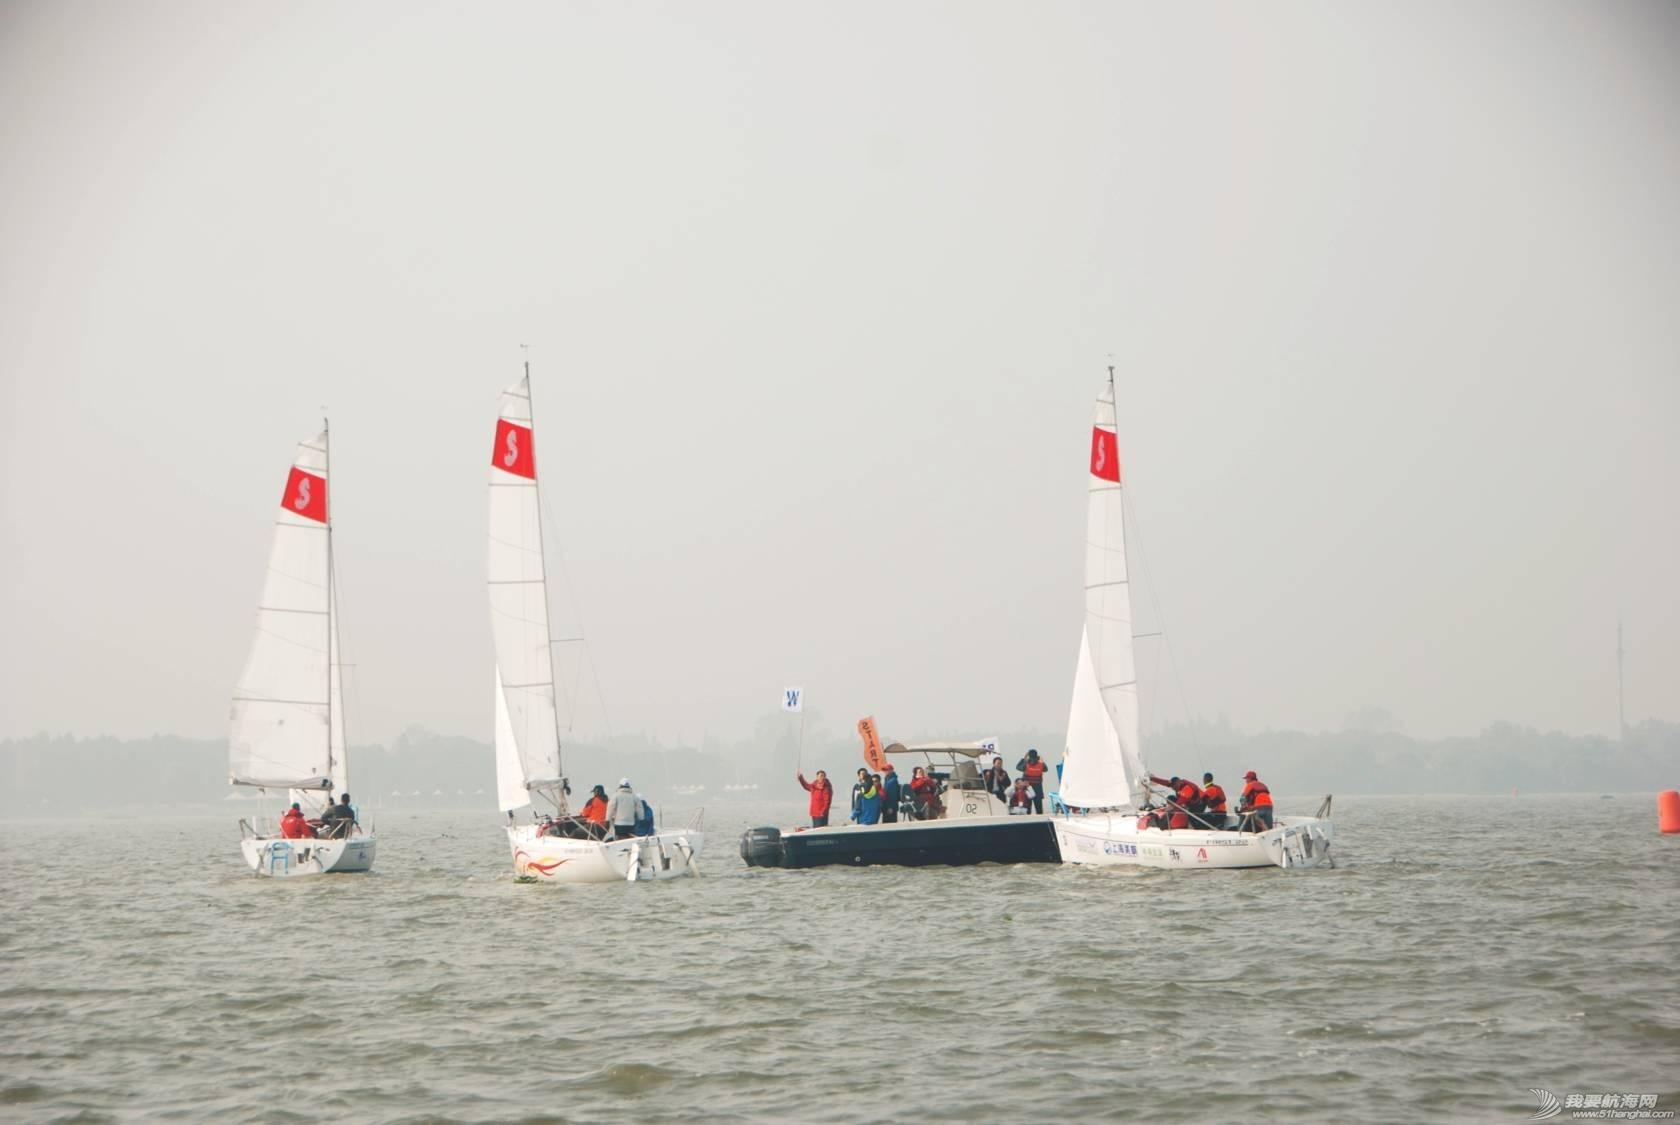 上海美帆SBYC2016龙骨船月赛第一季(3月12号) 竞赛通知 3386adb6d50ef67a89d150fcb5711551.jpg